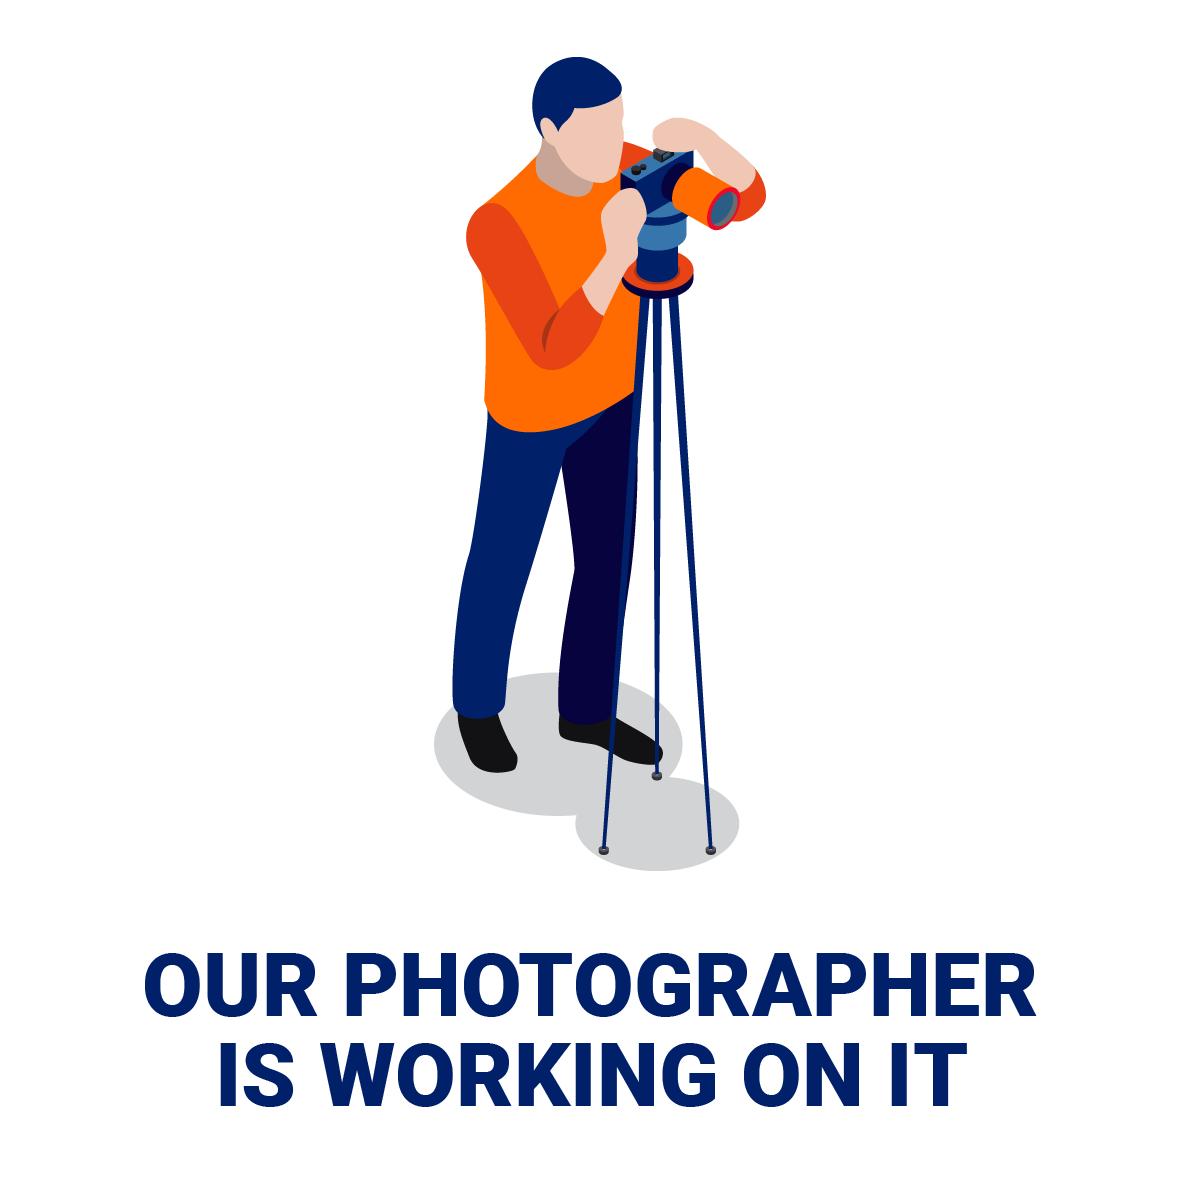 Dell Precision 3650 i9-11900 8 Core 2.50GHz 16GB 256GB NVMe SSD RTX 3080